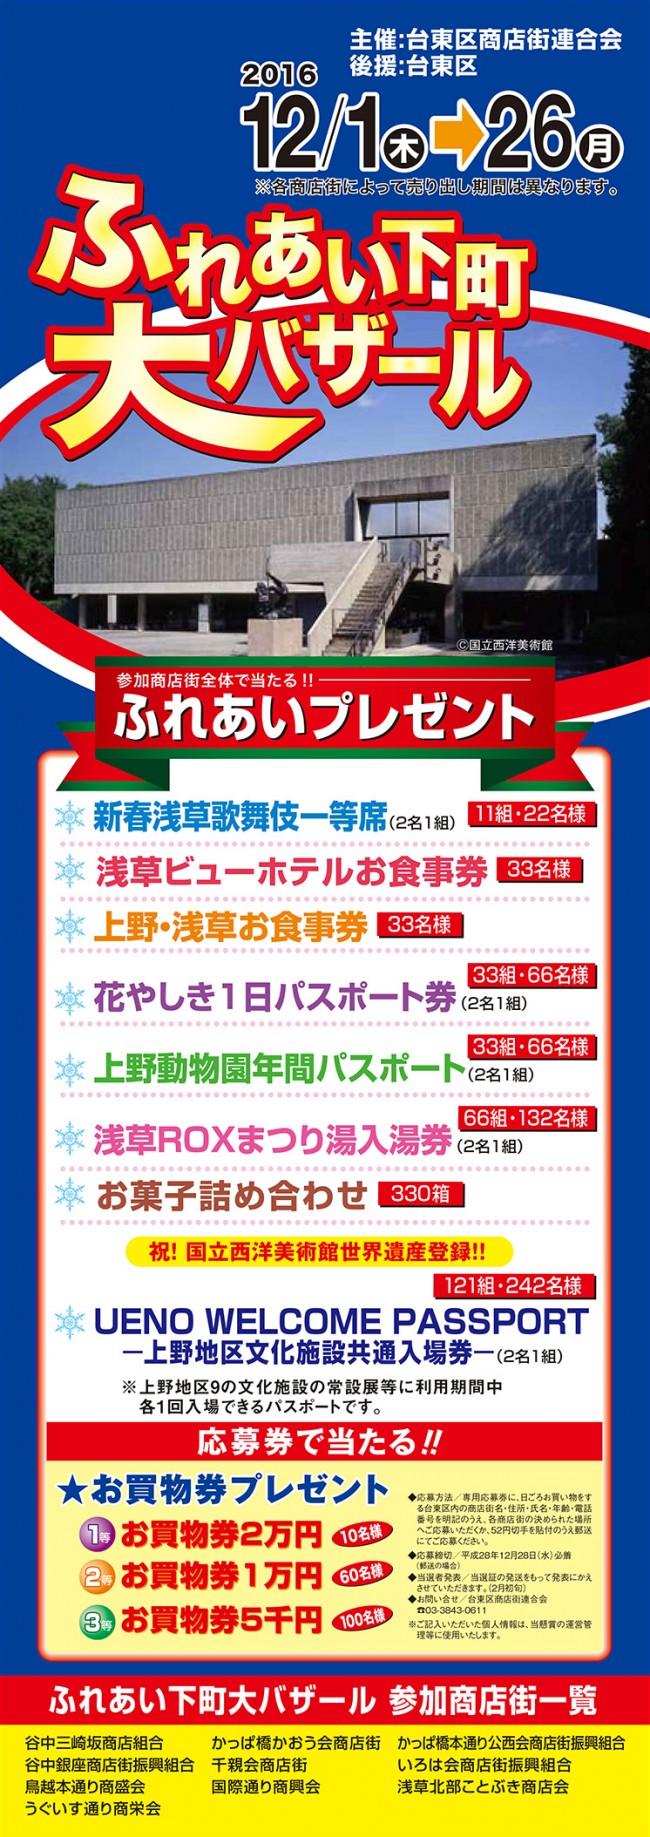 2016年度「ふれあい下町大バザール(歳末期)」開催!! 2016.12.1~12.26